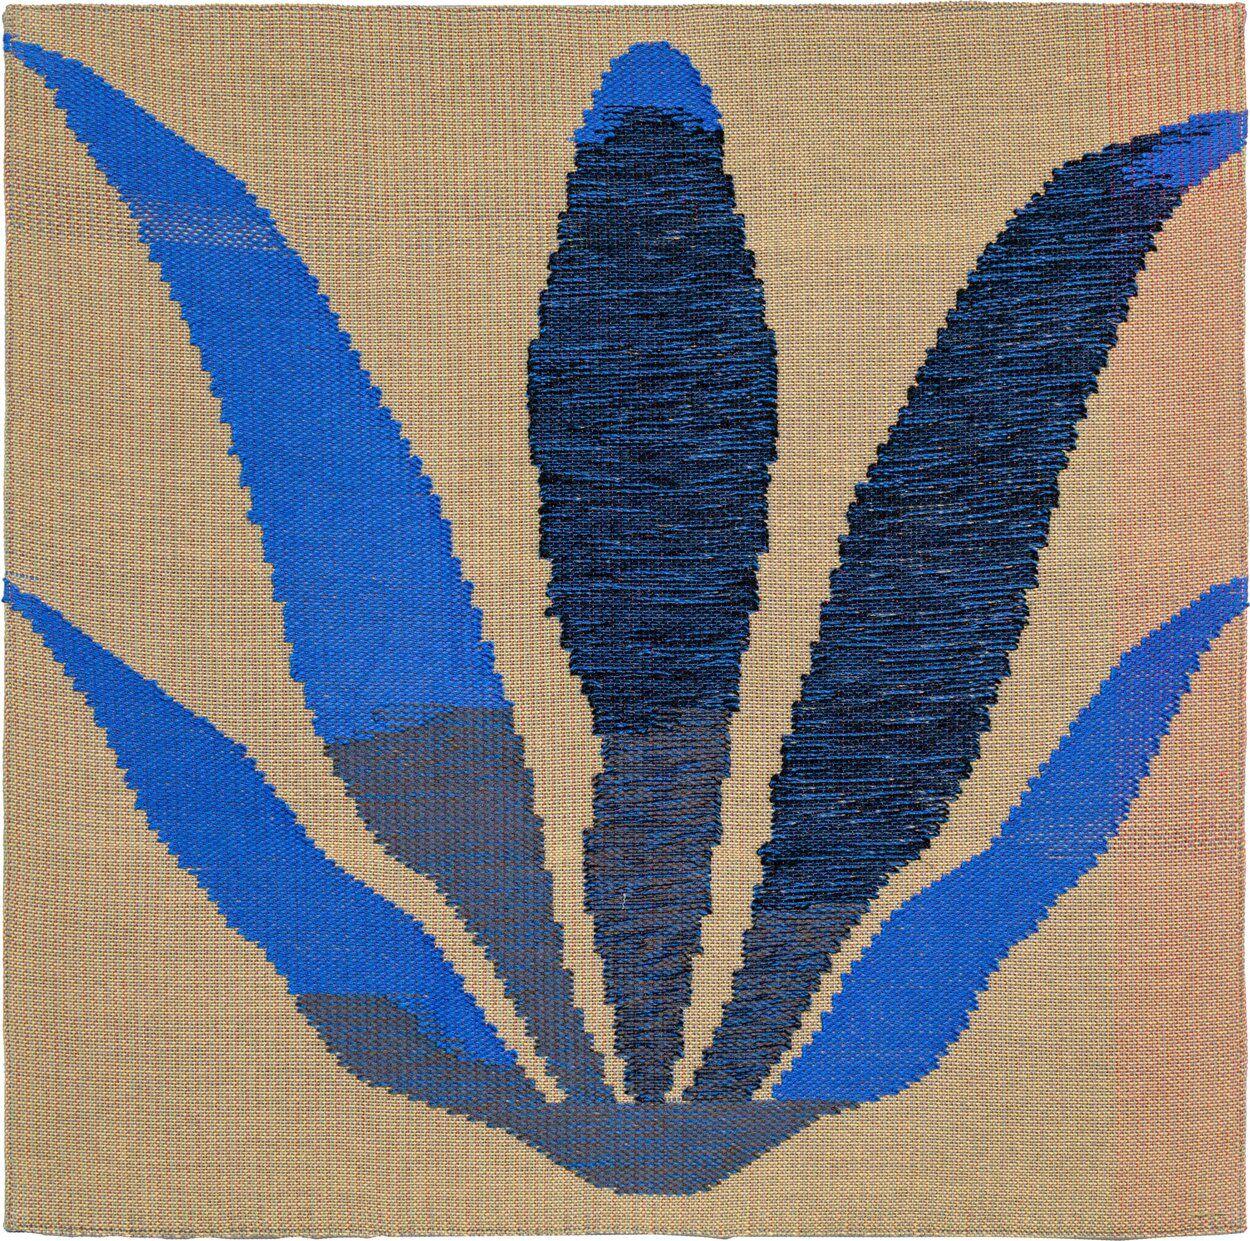 miranda fengyuan zhang make me sweeter blue agave